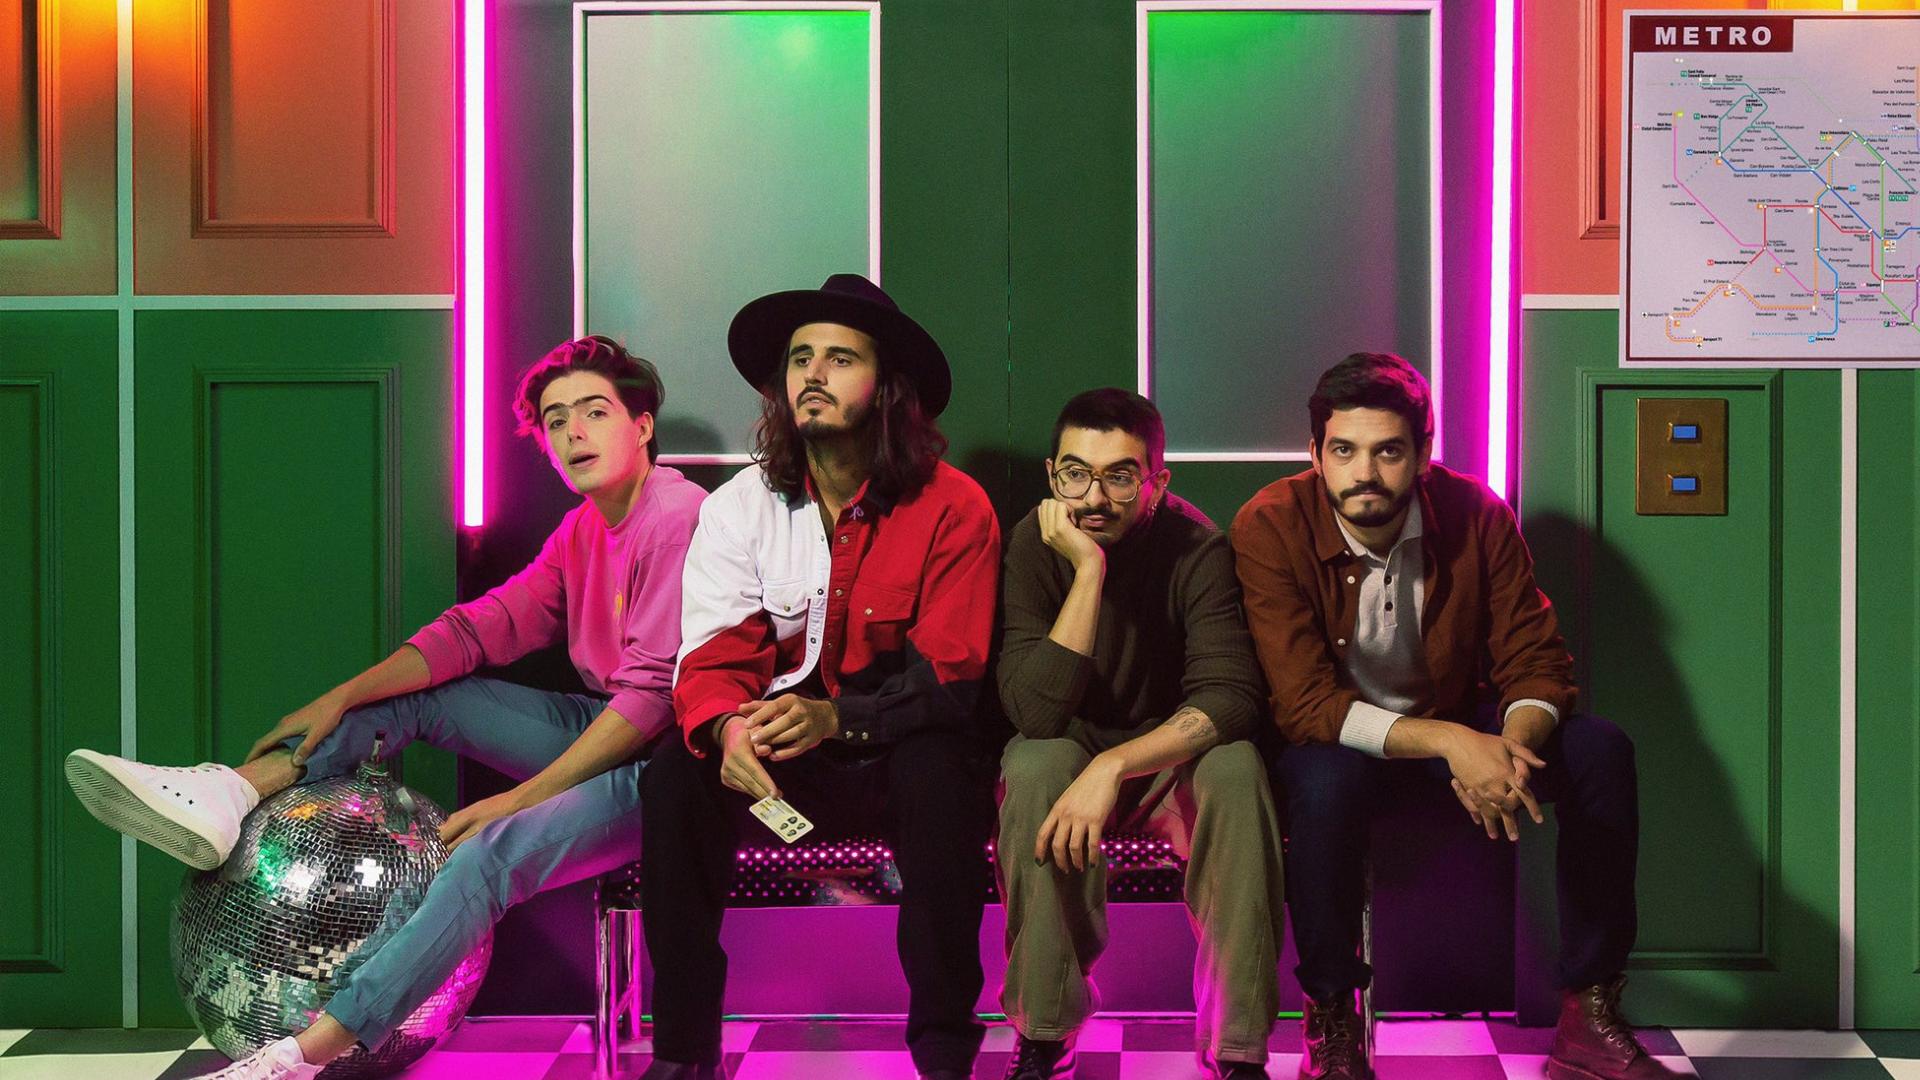 """Morat, una de las bandas más exitosas del pop actual en español, regresa con su tercer trabajo discográfico titulado """"¿A Dónde Vamos?""""."""